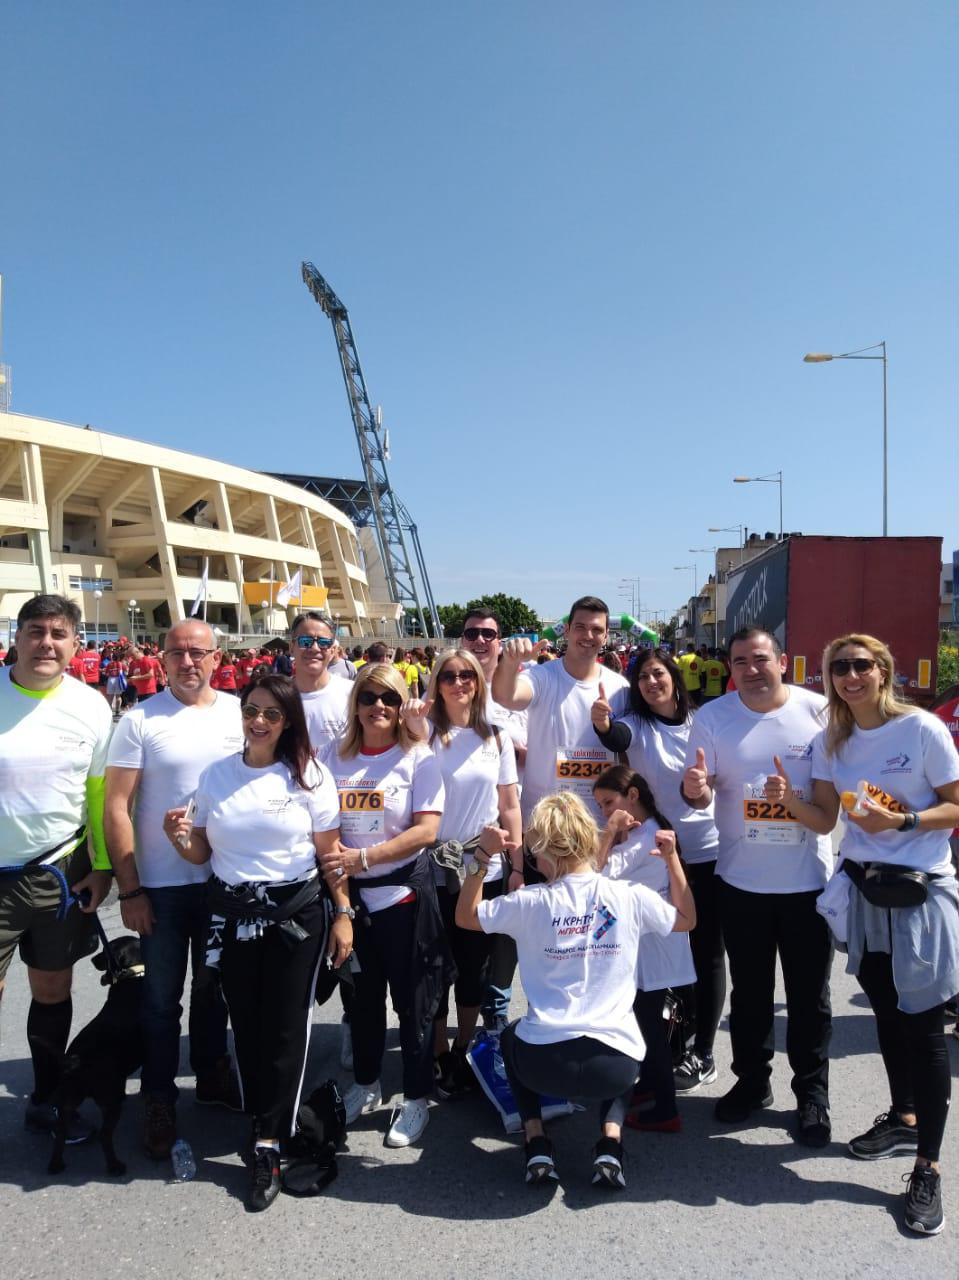 Συμμετοχή στο Run Greece απο τον συνδυασμό του Αλέξανδρου Μαρκογιαννάκη